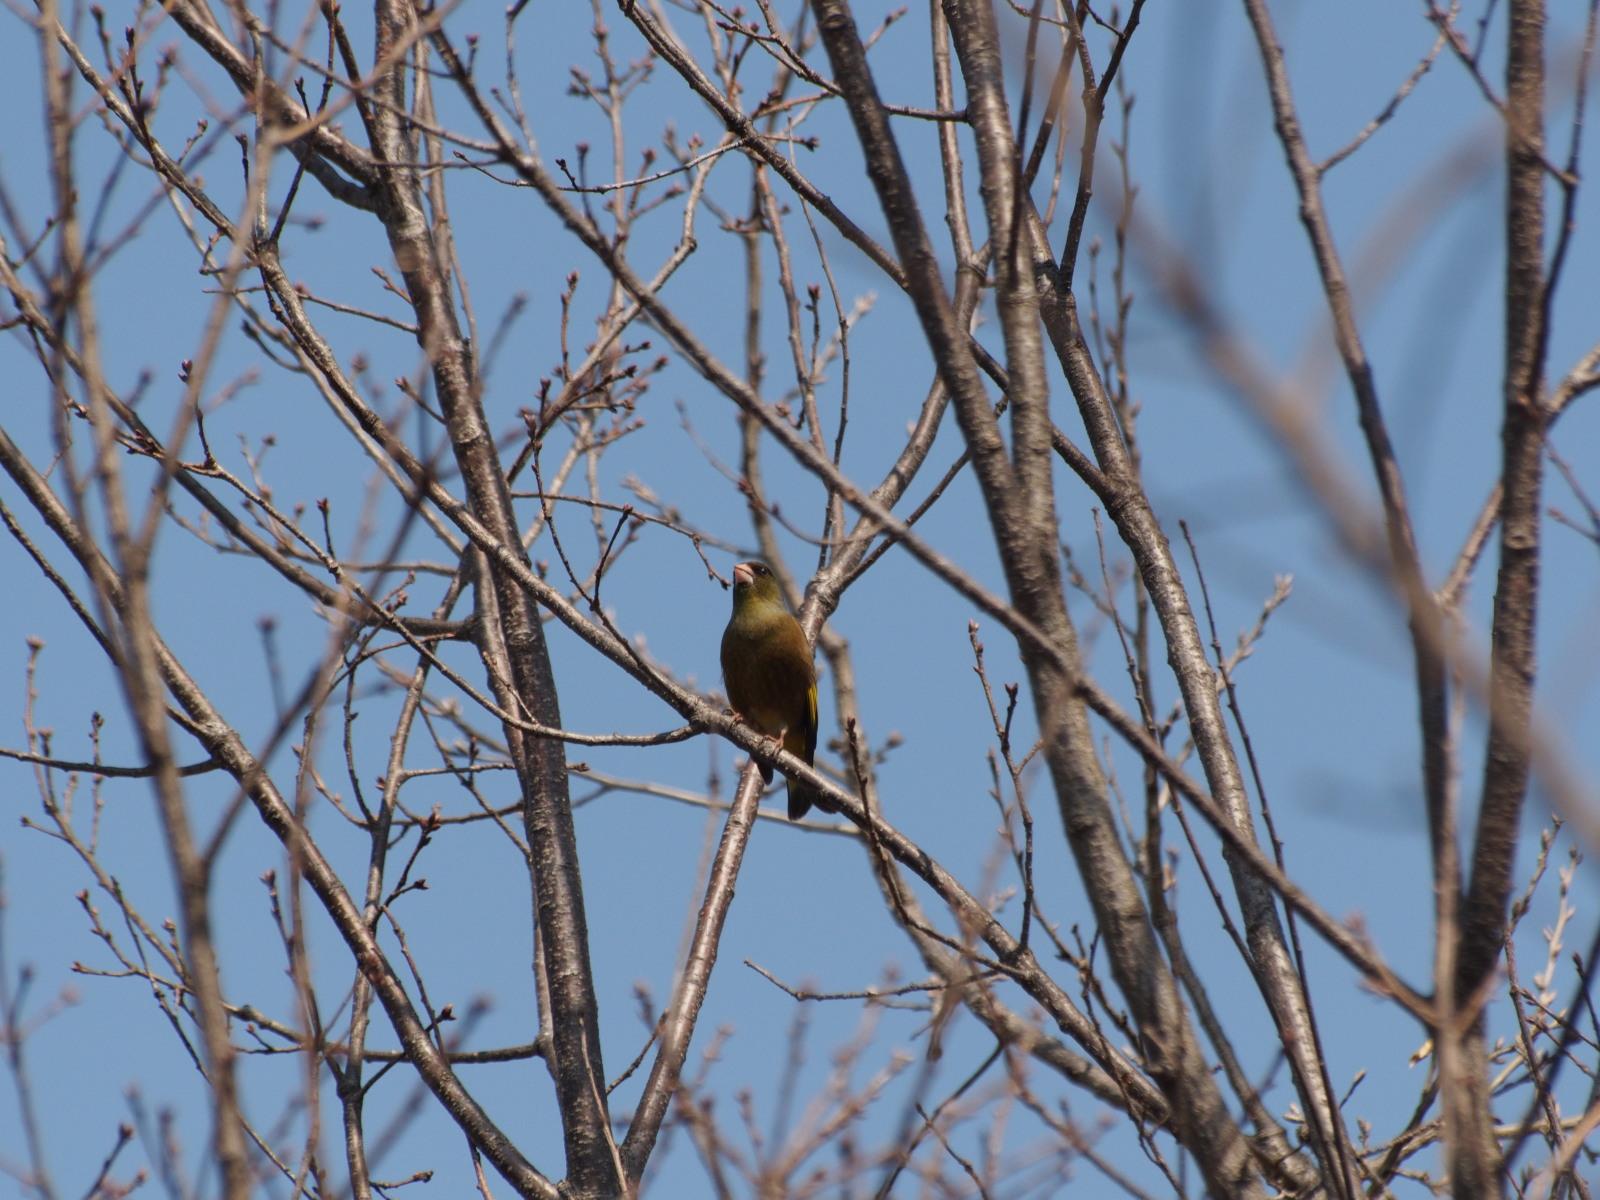 2014年3月17日 カワラヒワ/河原鶸/Oriental Greenfinch_f0108797_16063246.jpg